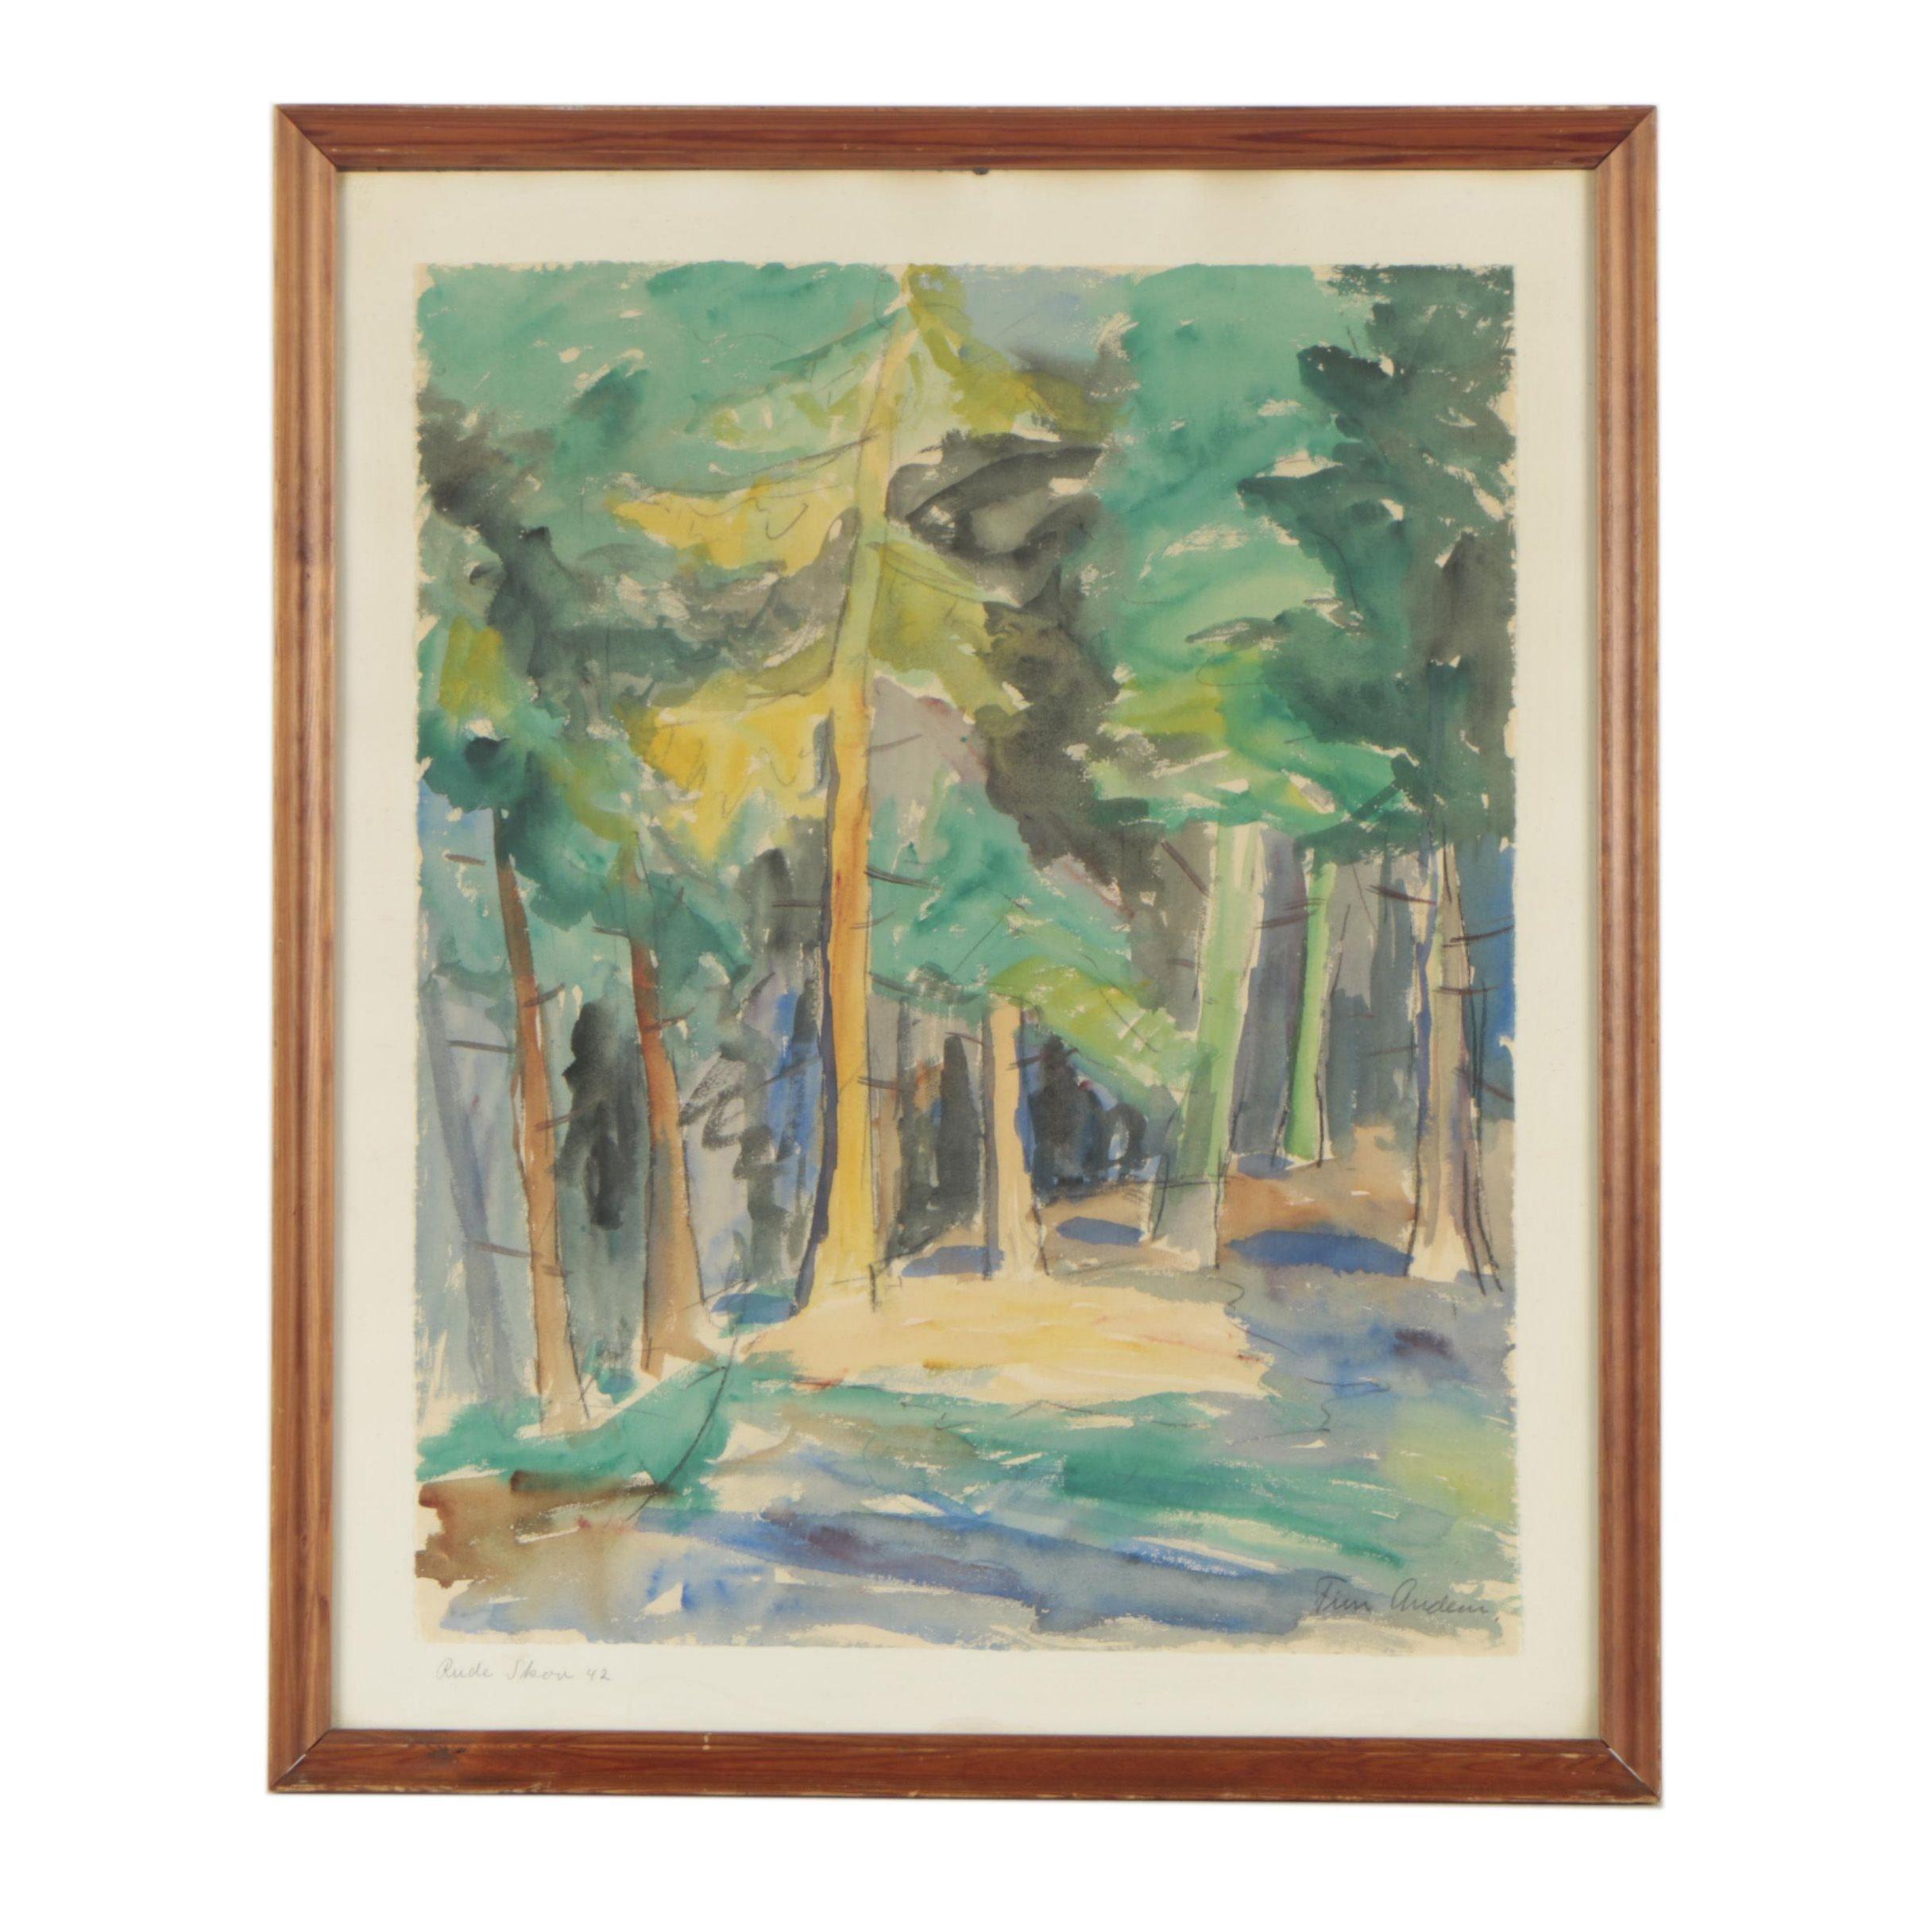 """Finn Anders Watercolor Painting of Trees """"Rude Skov"""""""